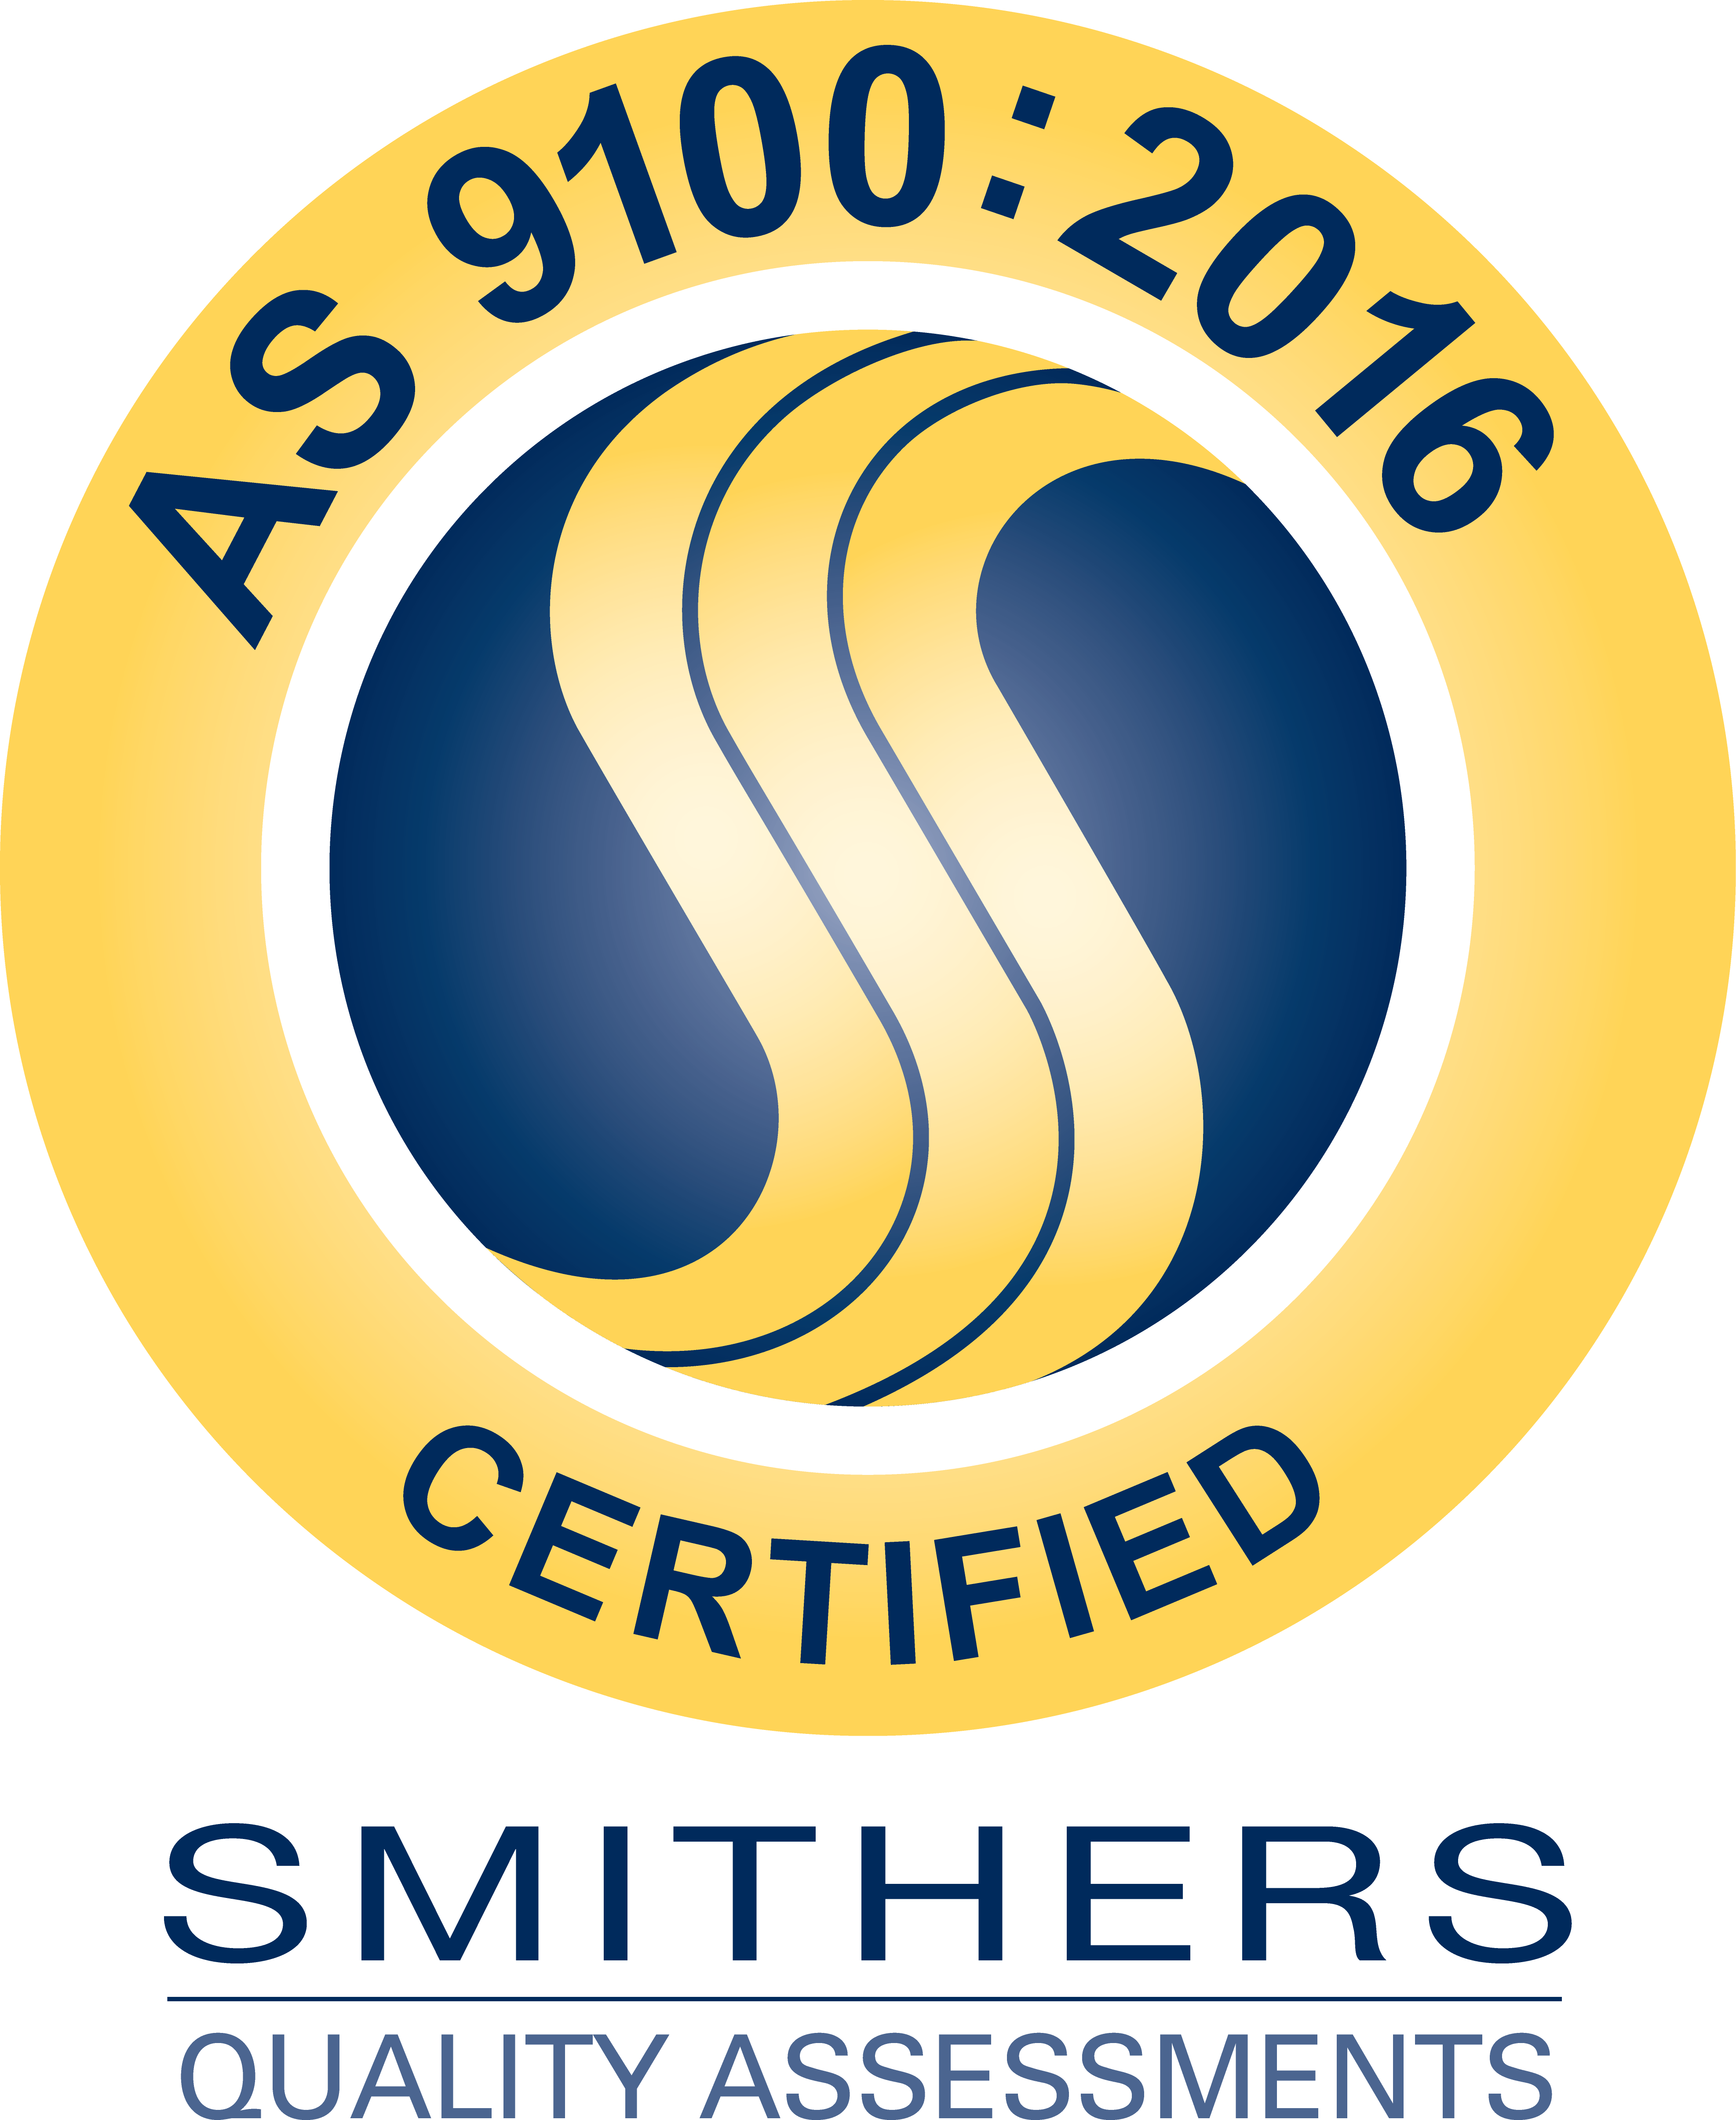 ISO 9001 Badge Nut & Bolt Fastening Solutions